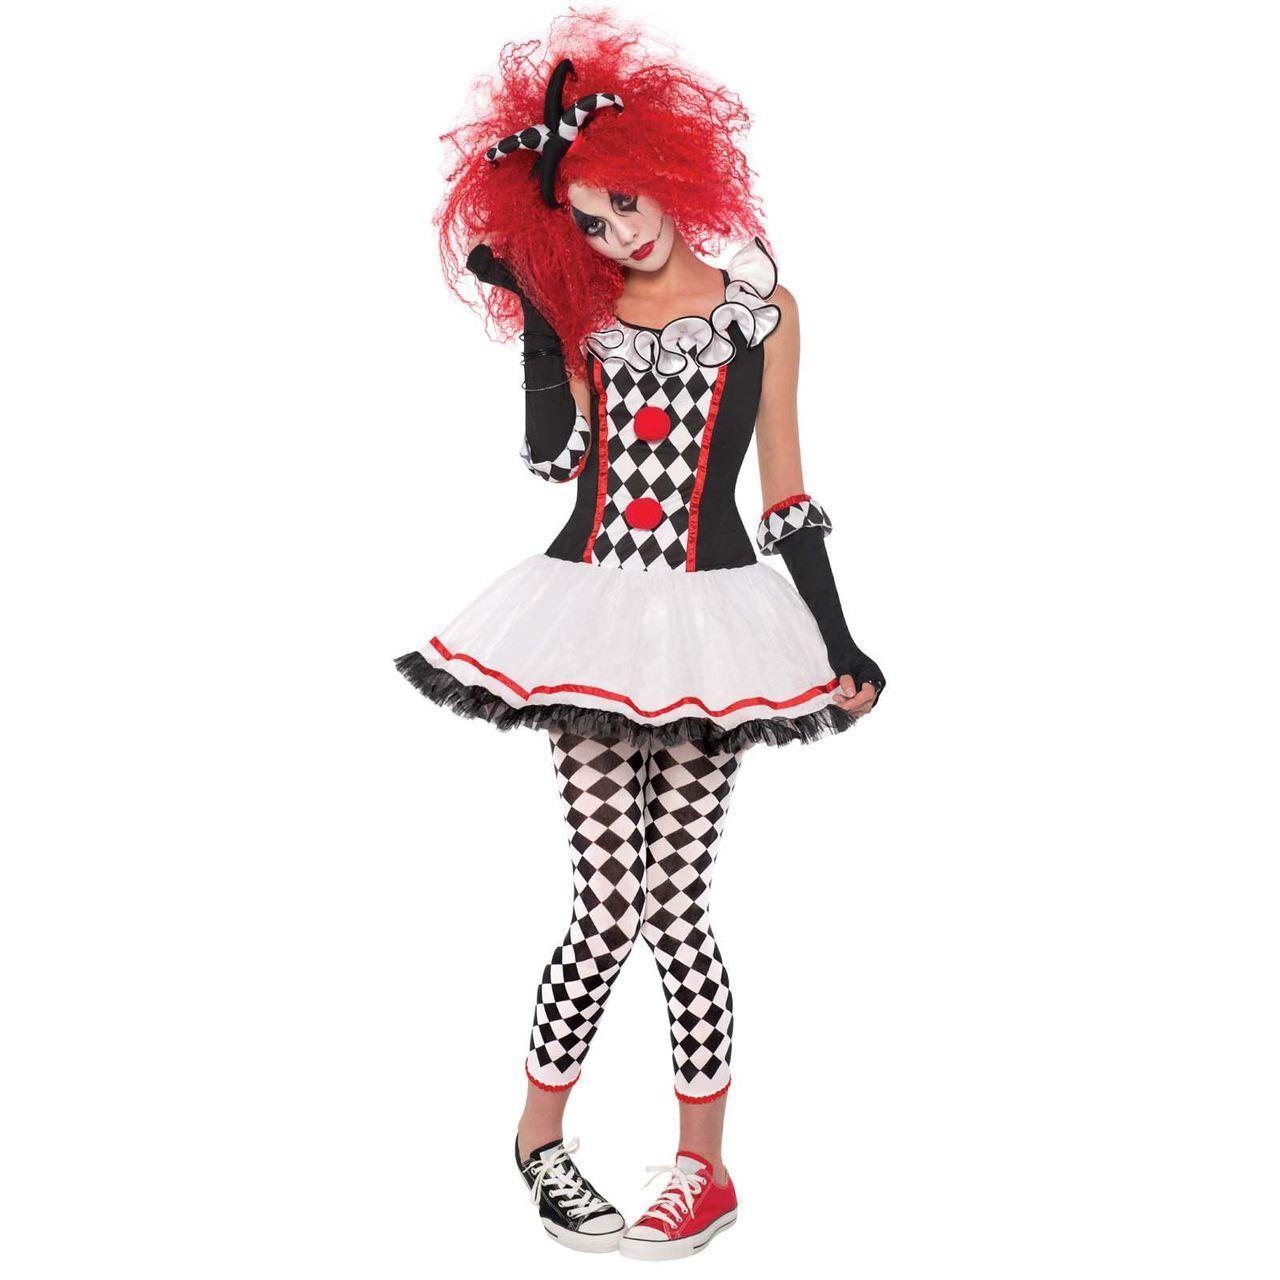 Kostüm Harley Quinn mit einer roten Perücke